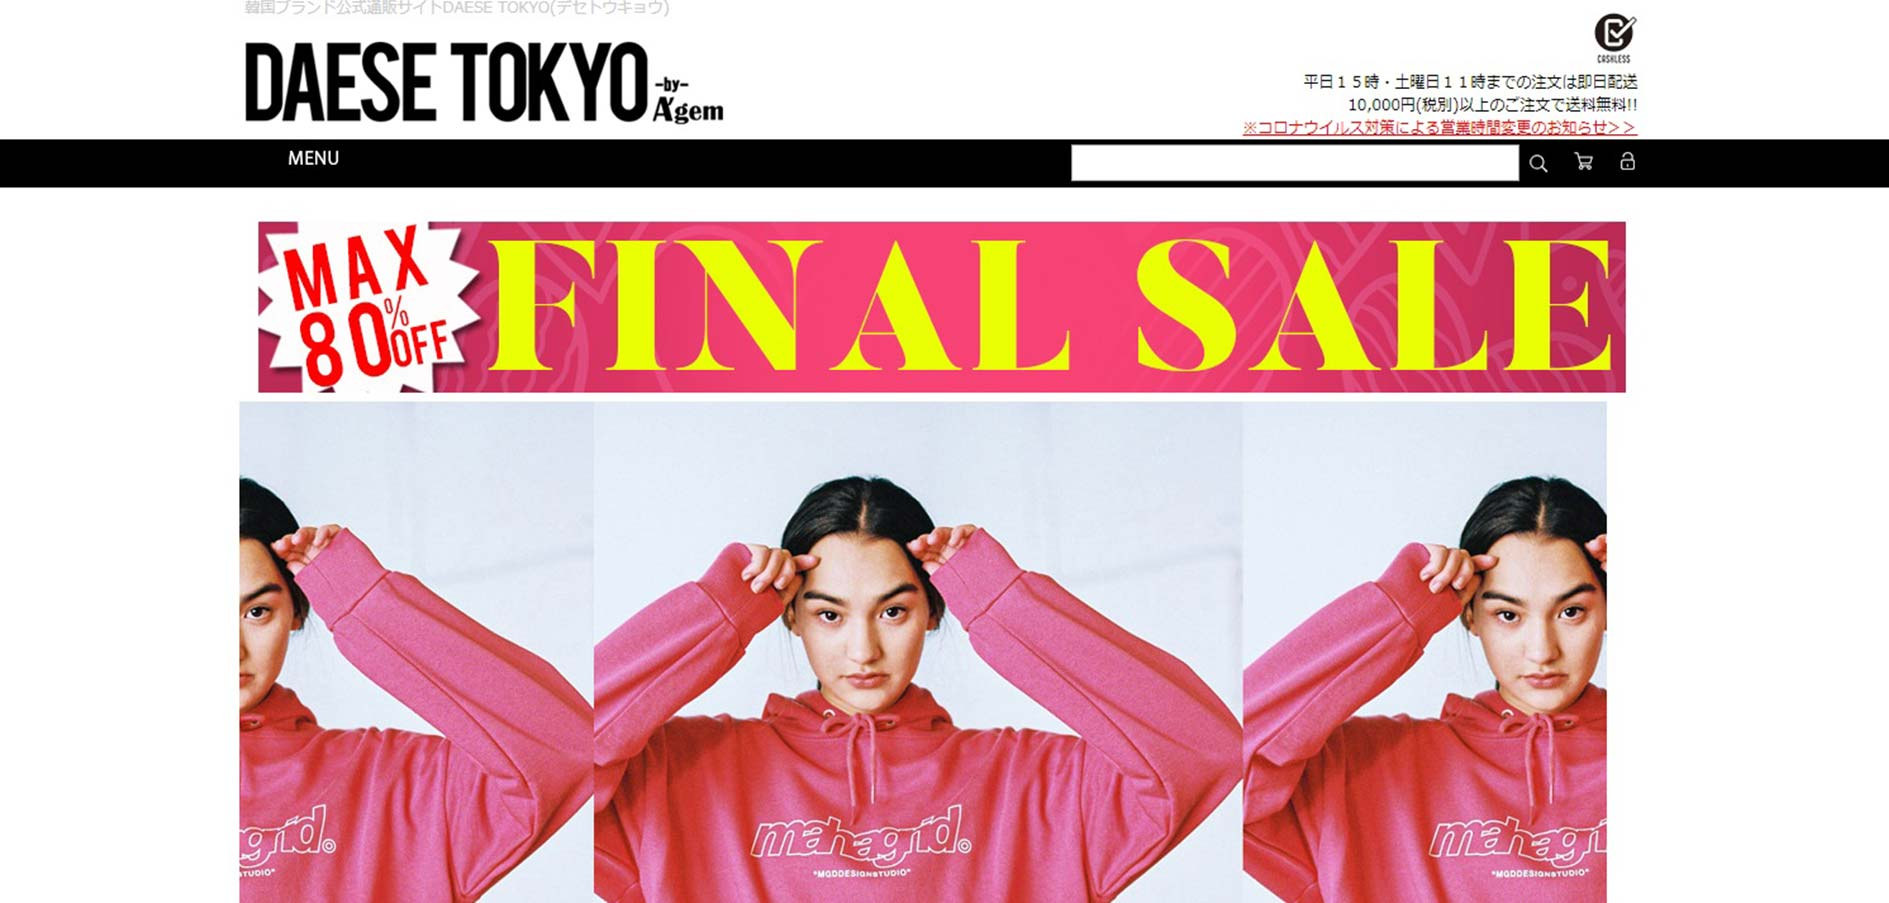 10代におすすめな韓国ファッション通販サイトのDAESE TOKYO(デセトウキョウ)